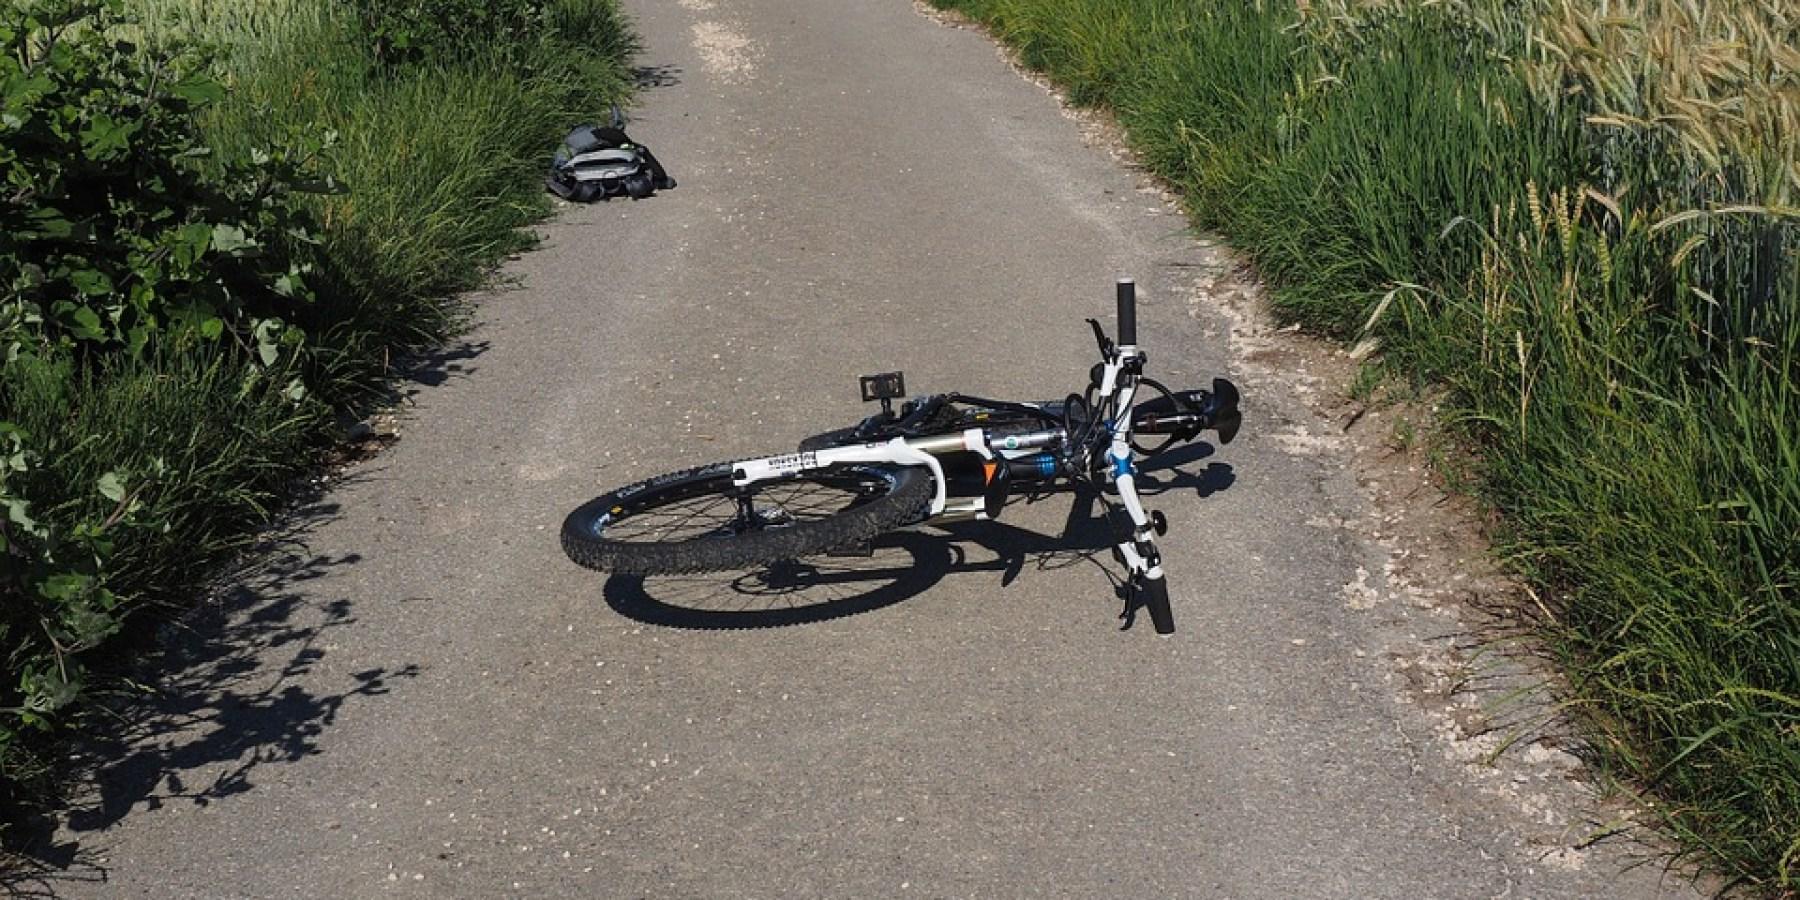 Radfahrer durch abbiegenden PKW schwer verletzt